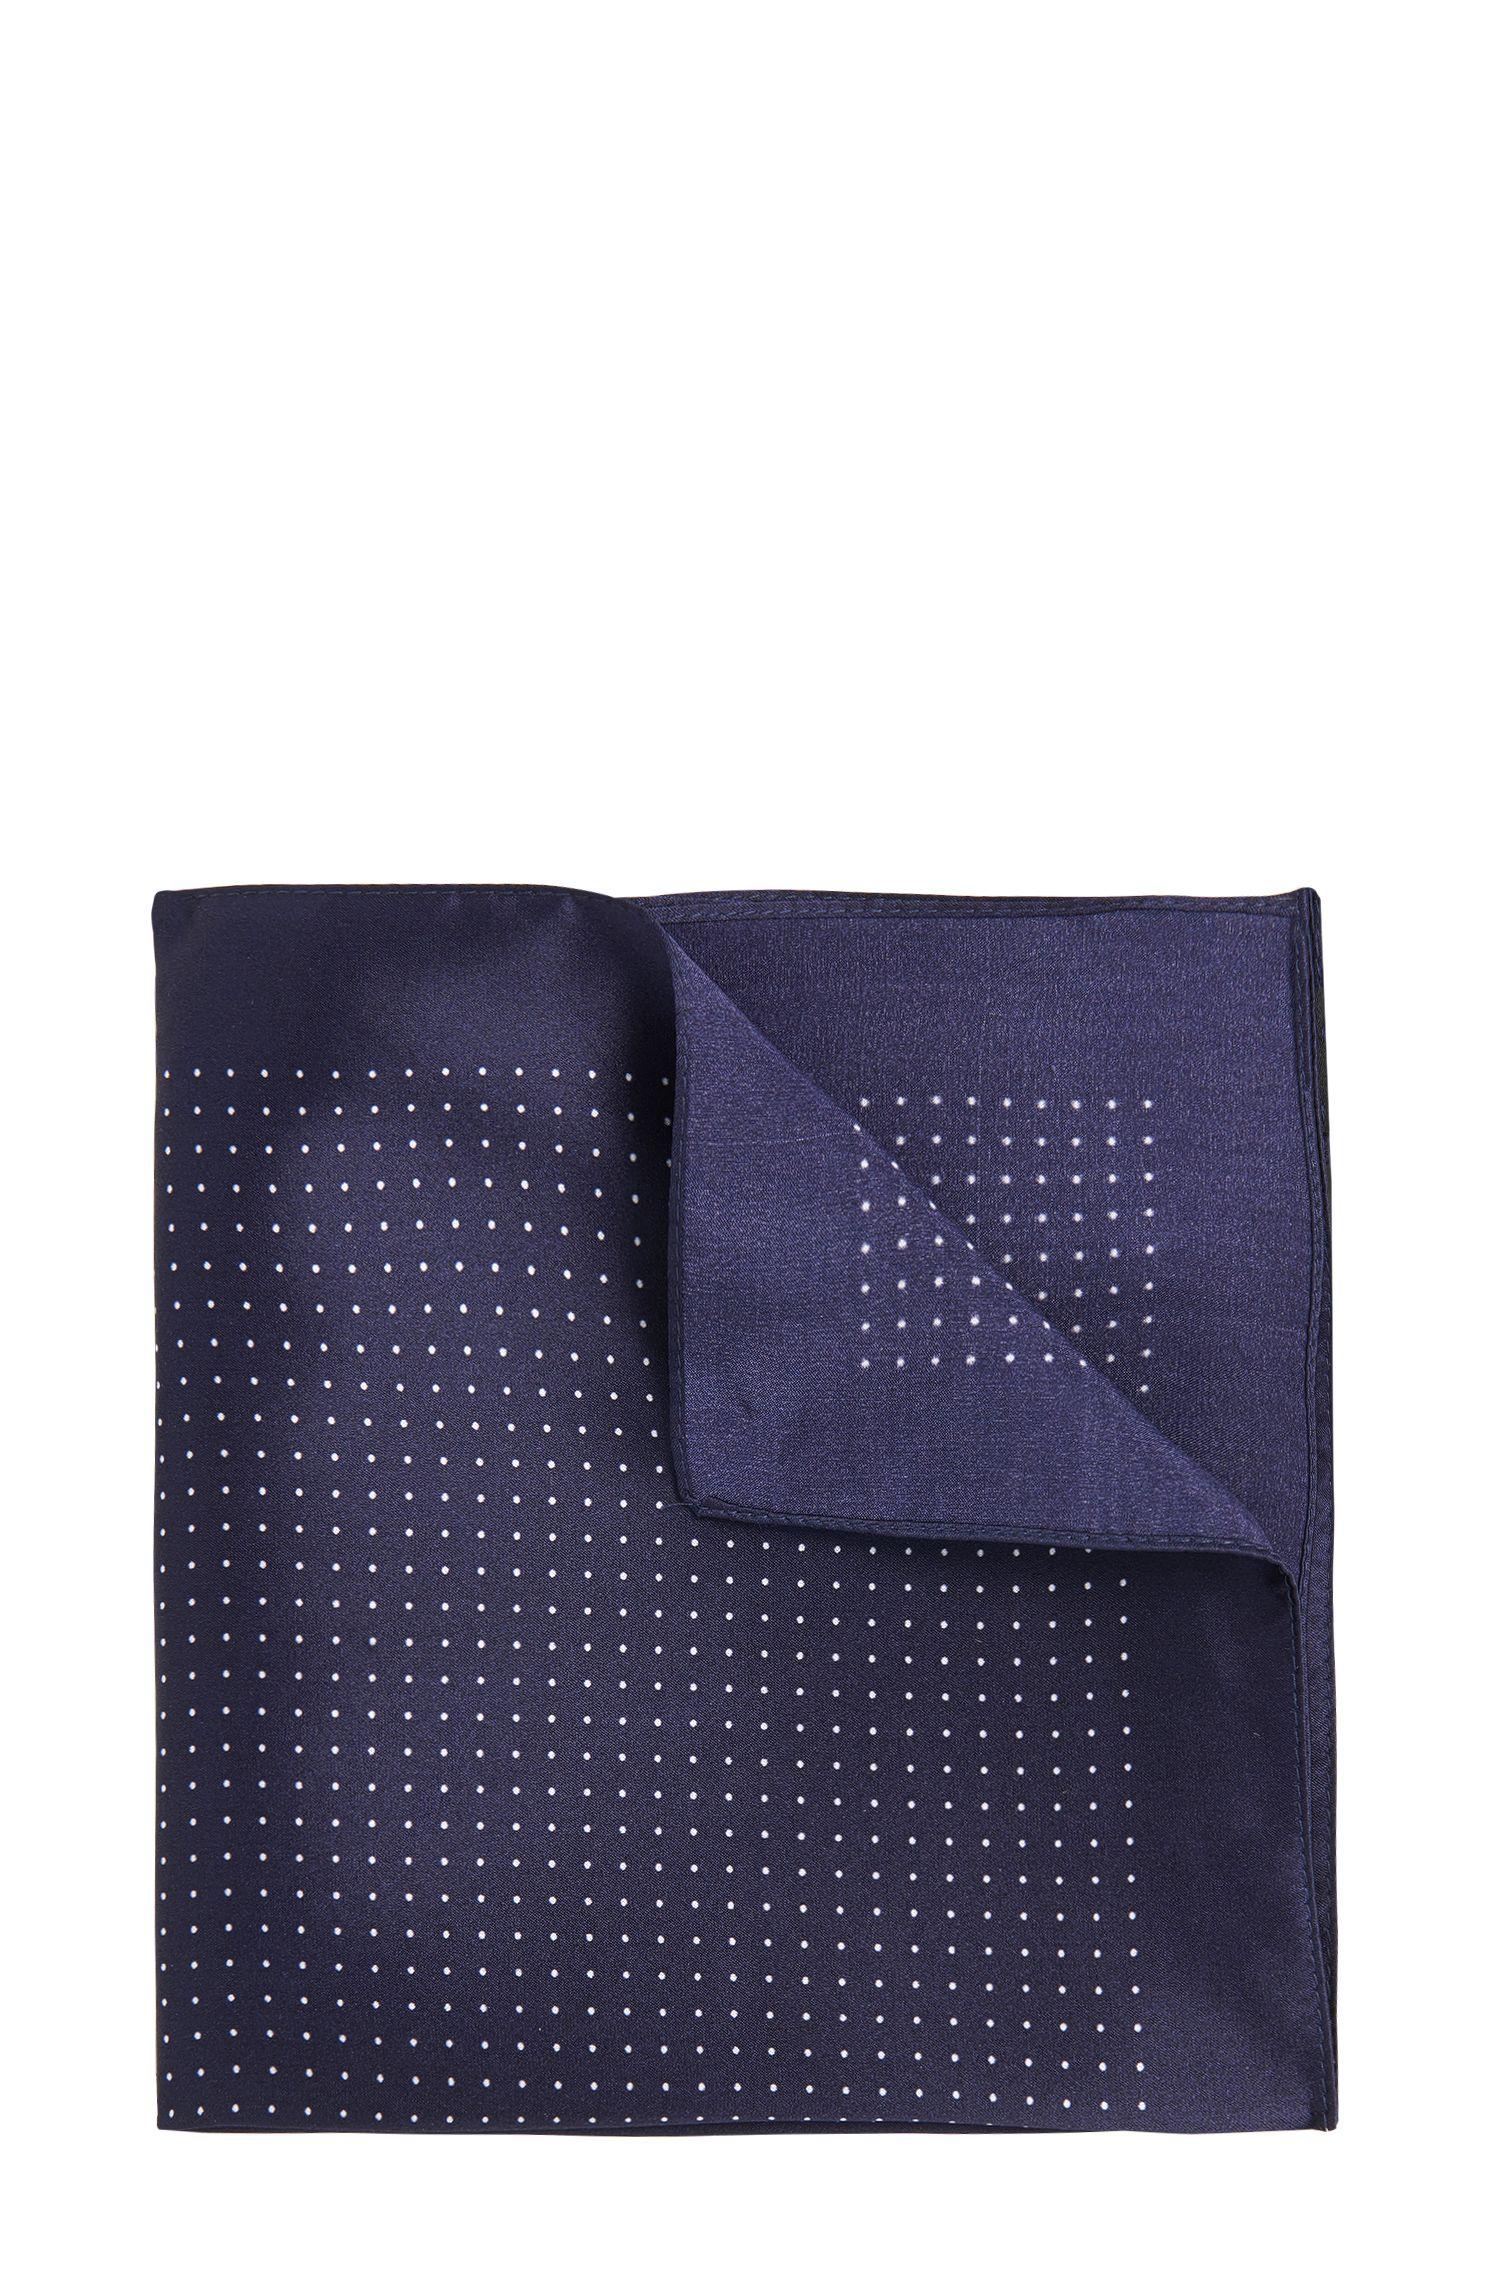 Spot design pocket square in silk